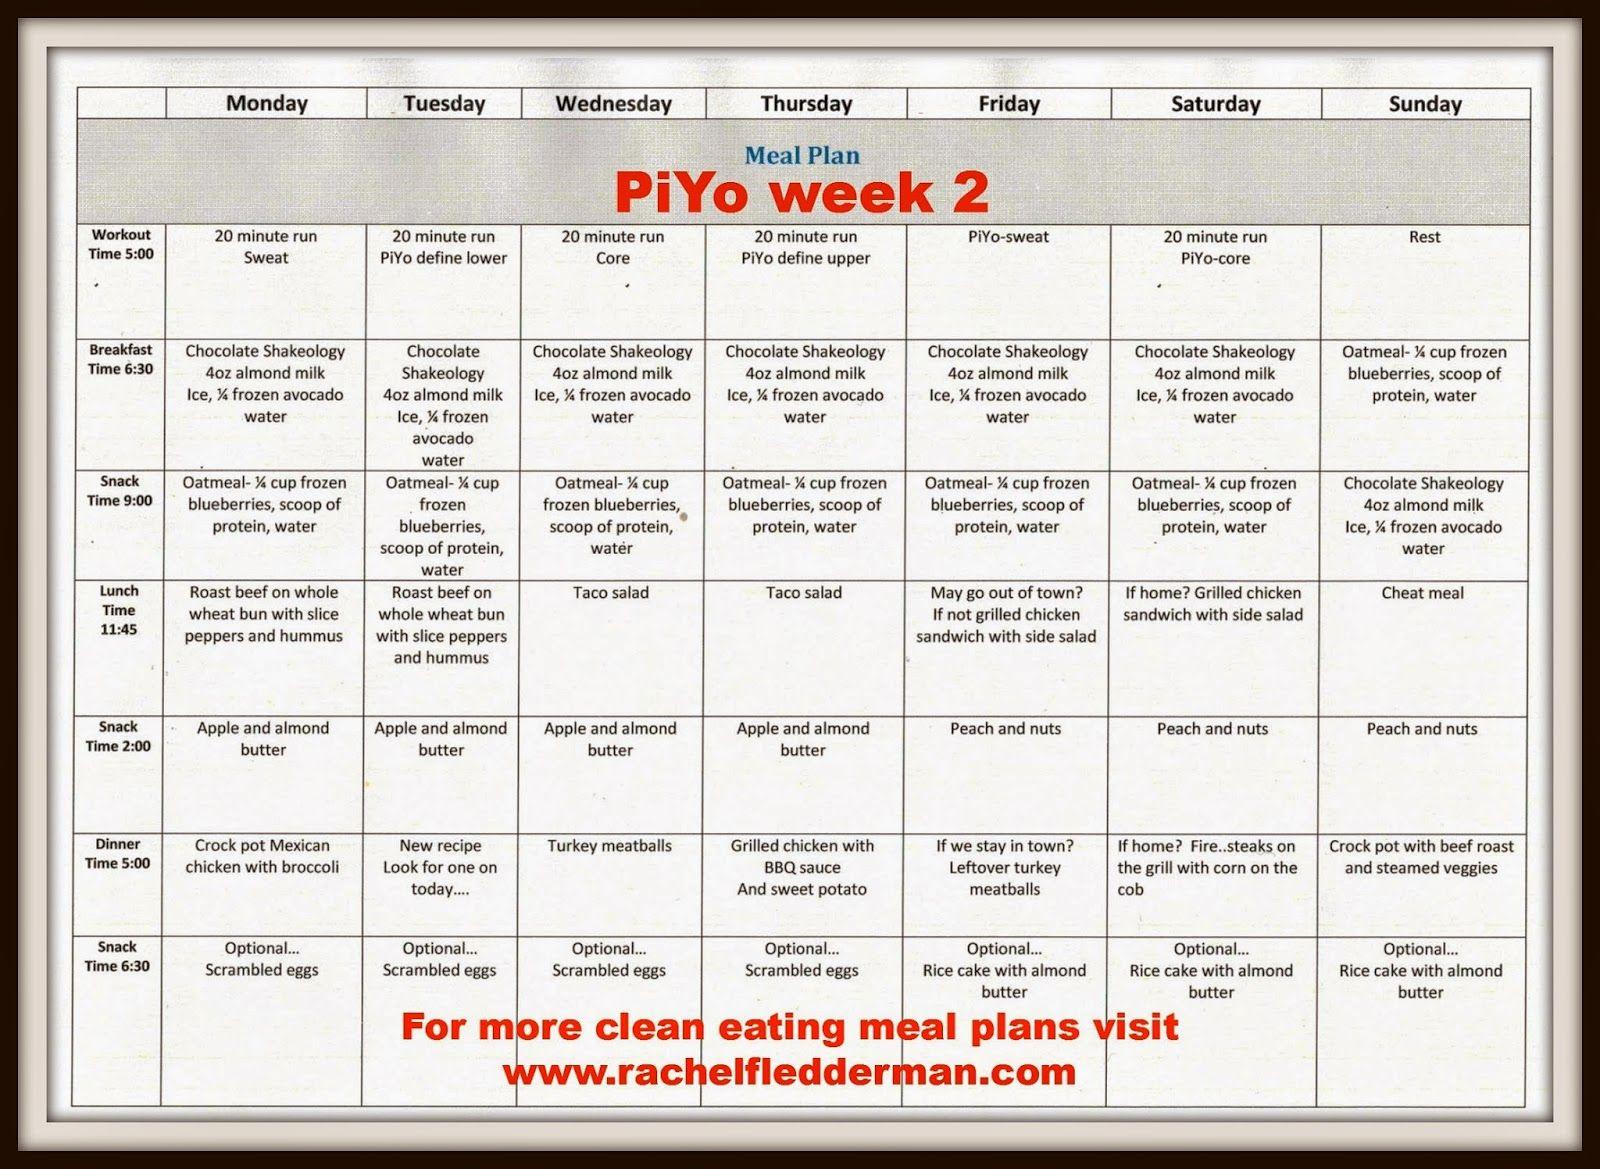 Piyo Week 2 Meal Plan